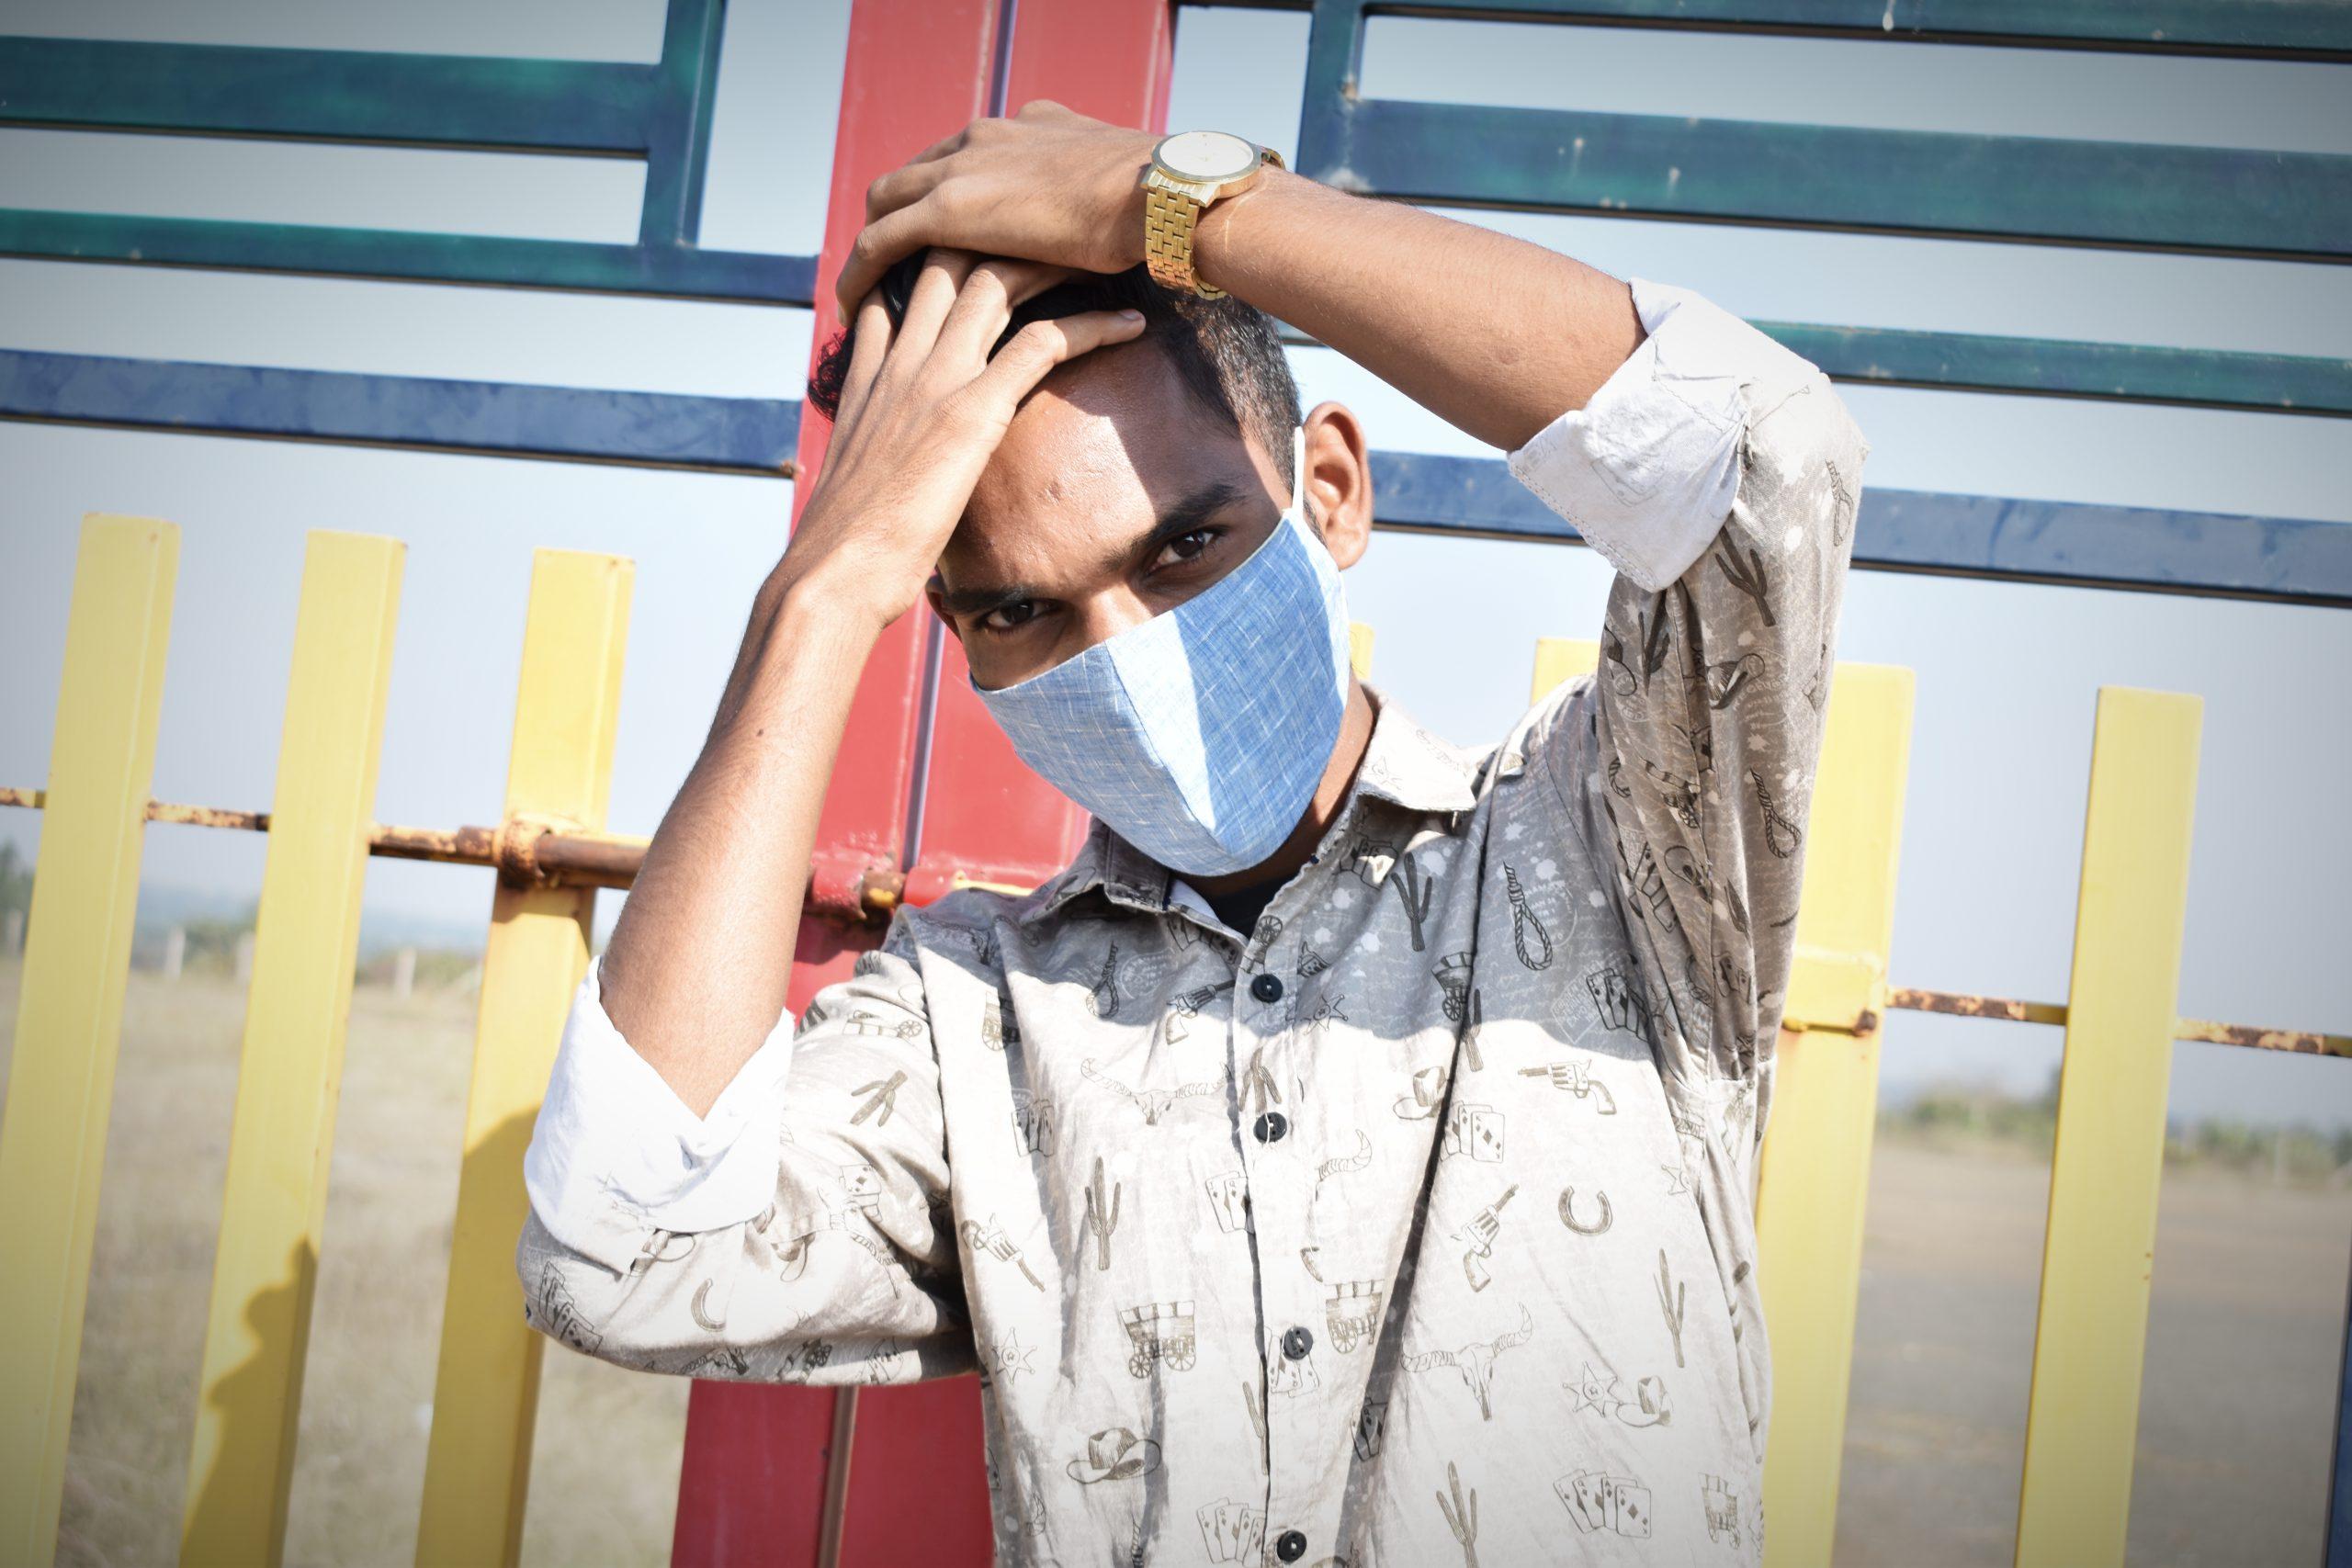 Boy posing while wearing facemask